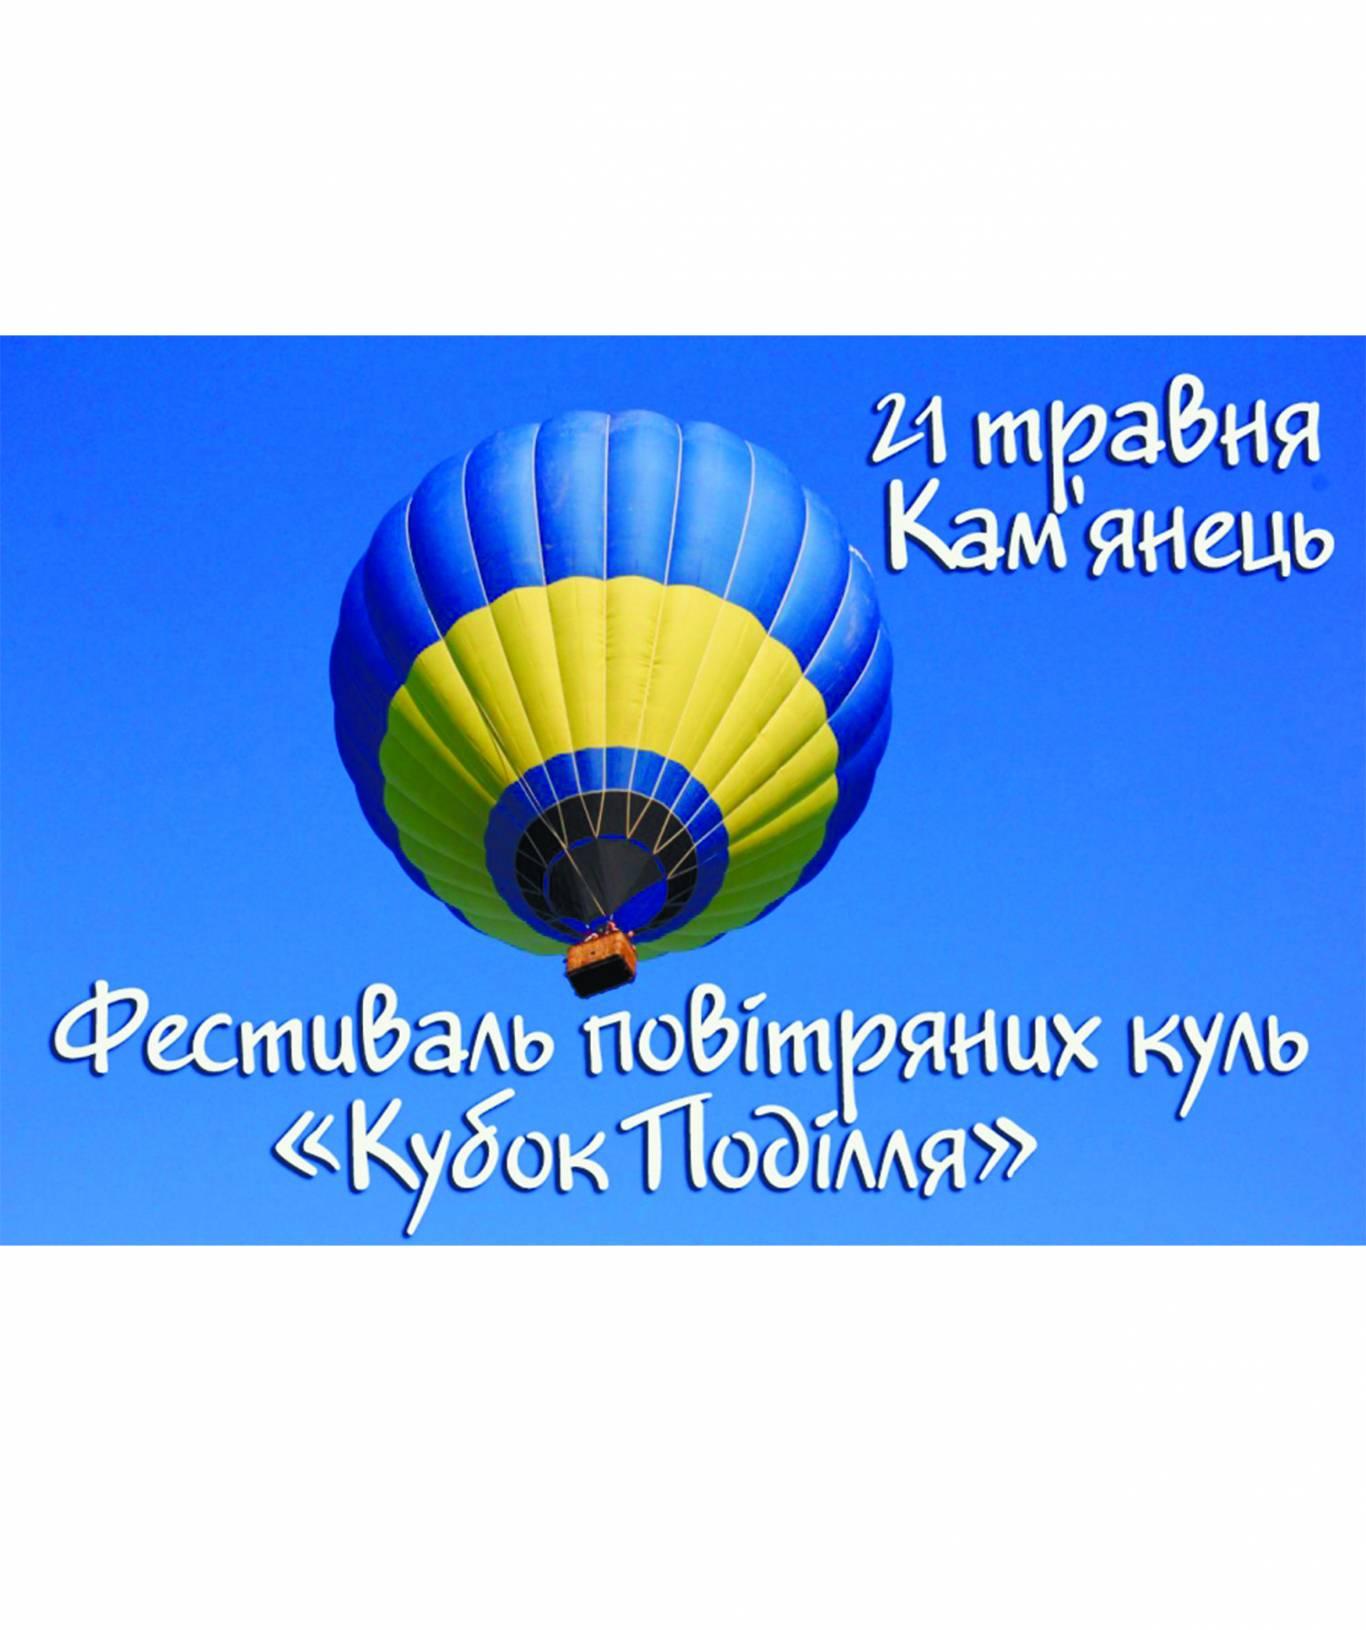 Фестиваль повітряних куль «Кубок Поділля»+стрибки з мосту